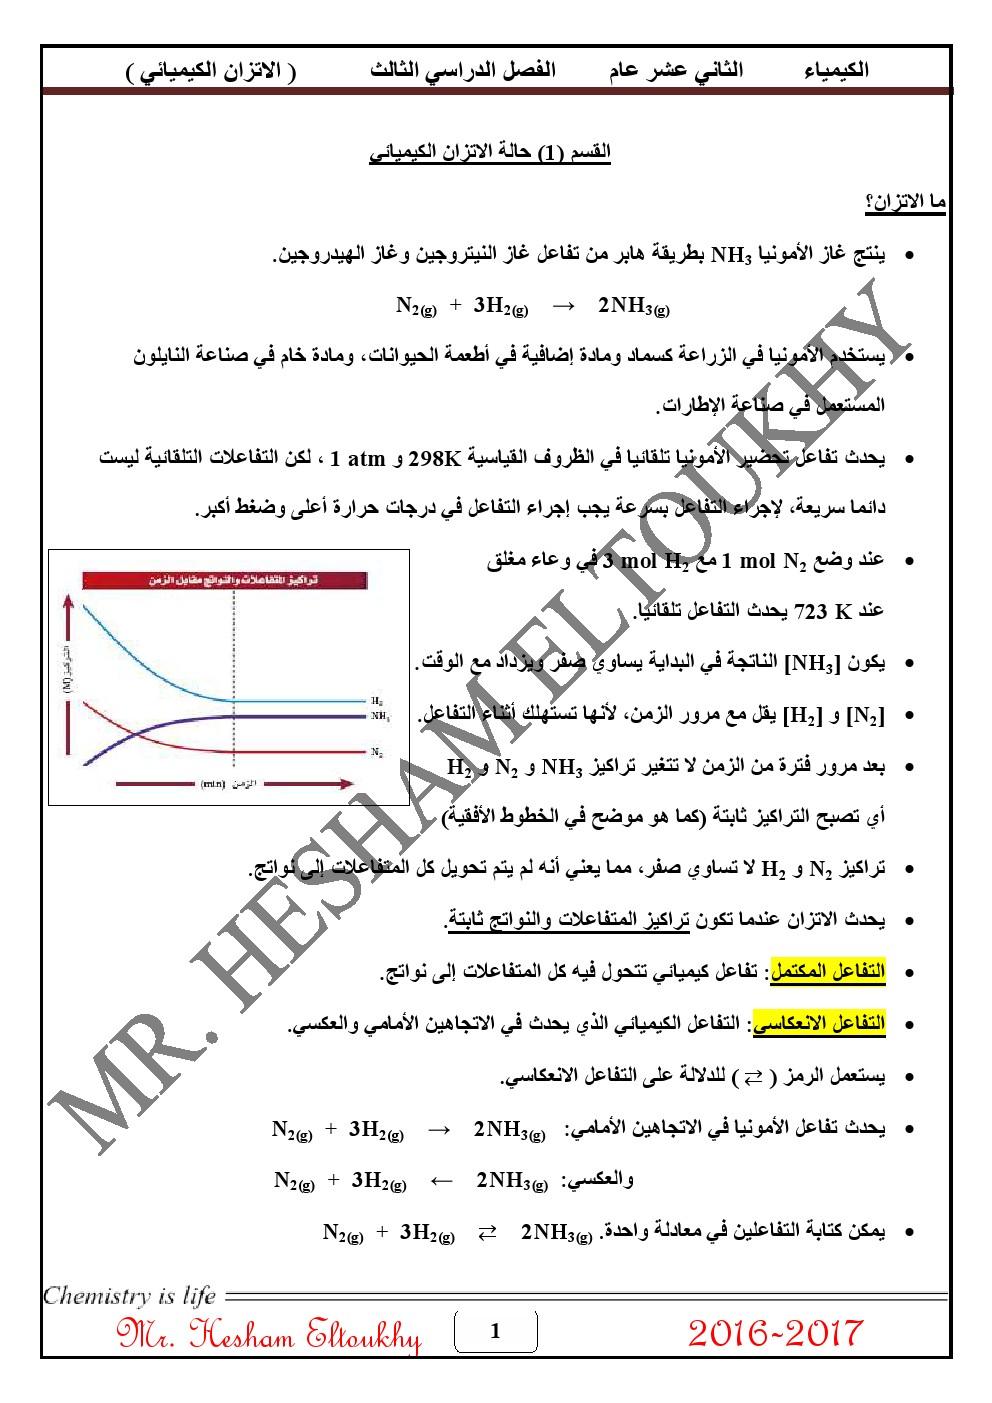 كيمياء تلخيص الاتزان الكيميائي الصف الثاني عشر العام كيمياء الفصل الثالث 2018 2019 المناهج الإماراتية